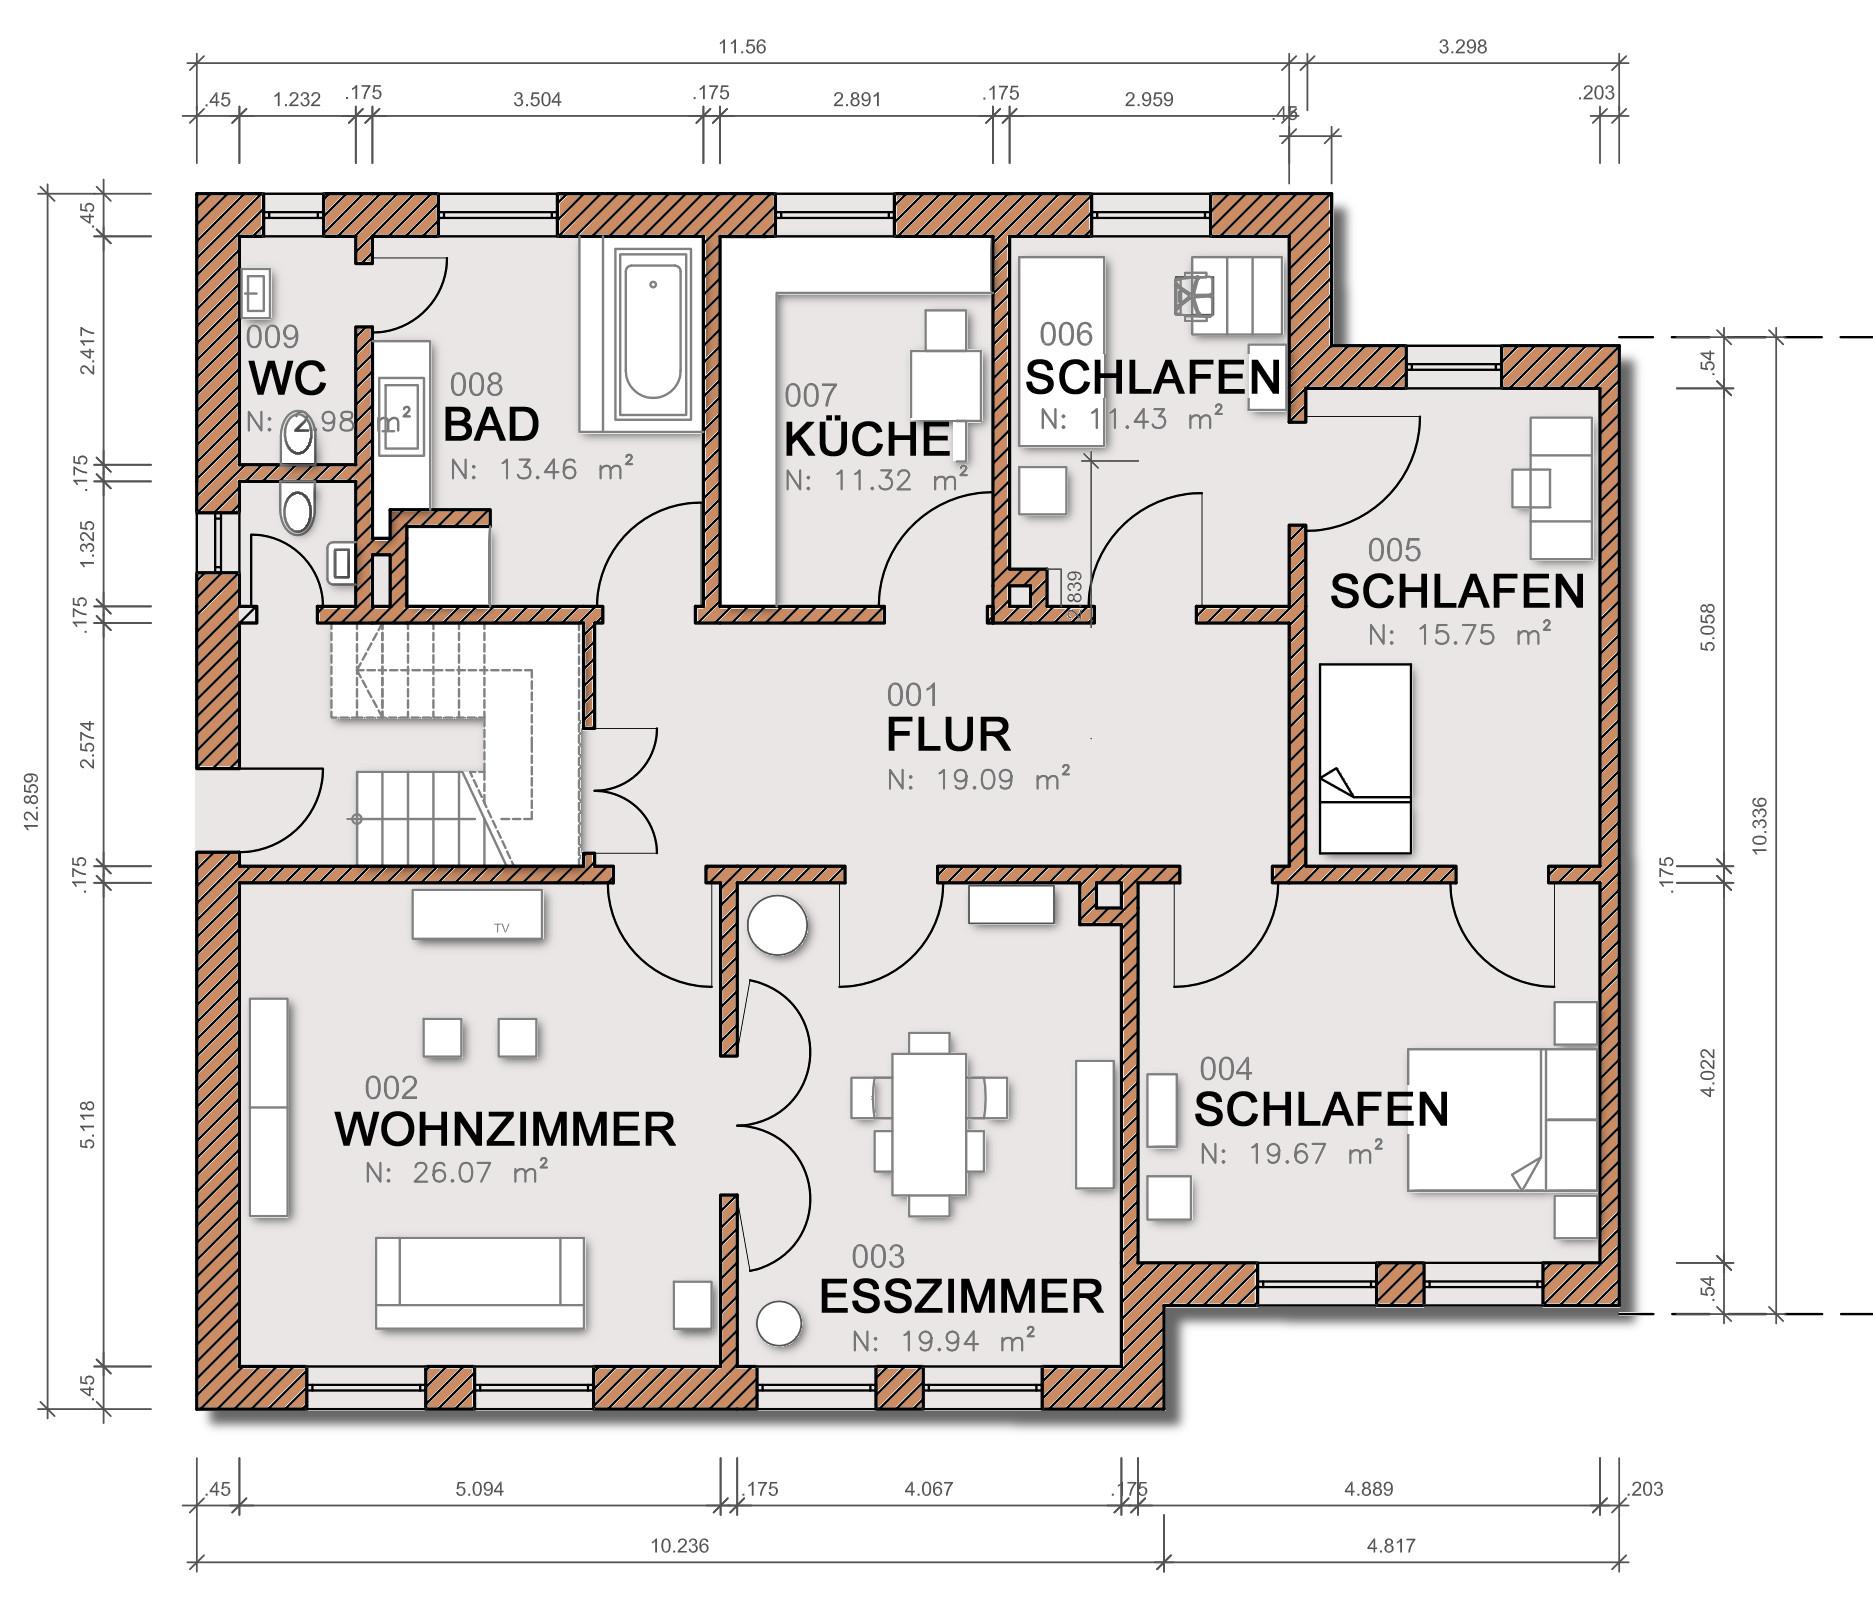 grundriss bema ung dipl ing gustavo oettinger. Black Bedroom Furniture Sets. Home Design Ideas